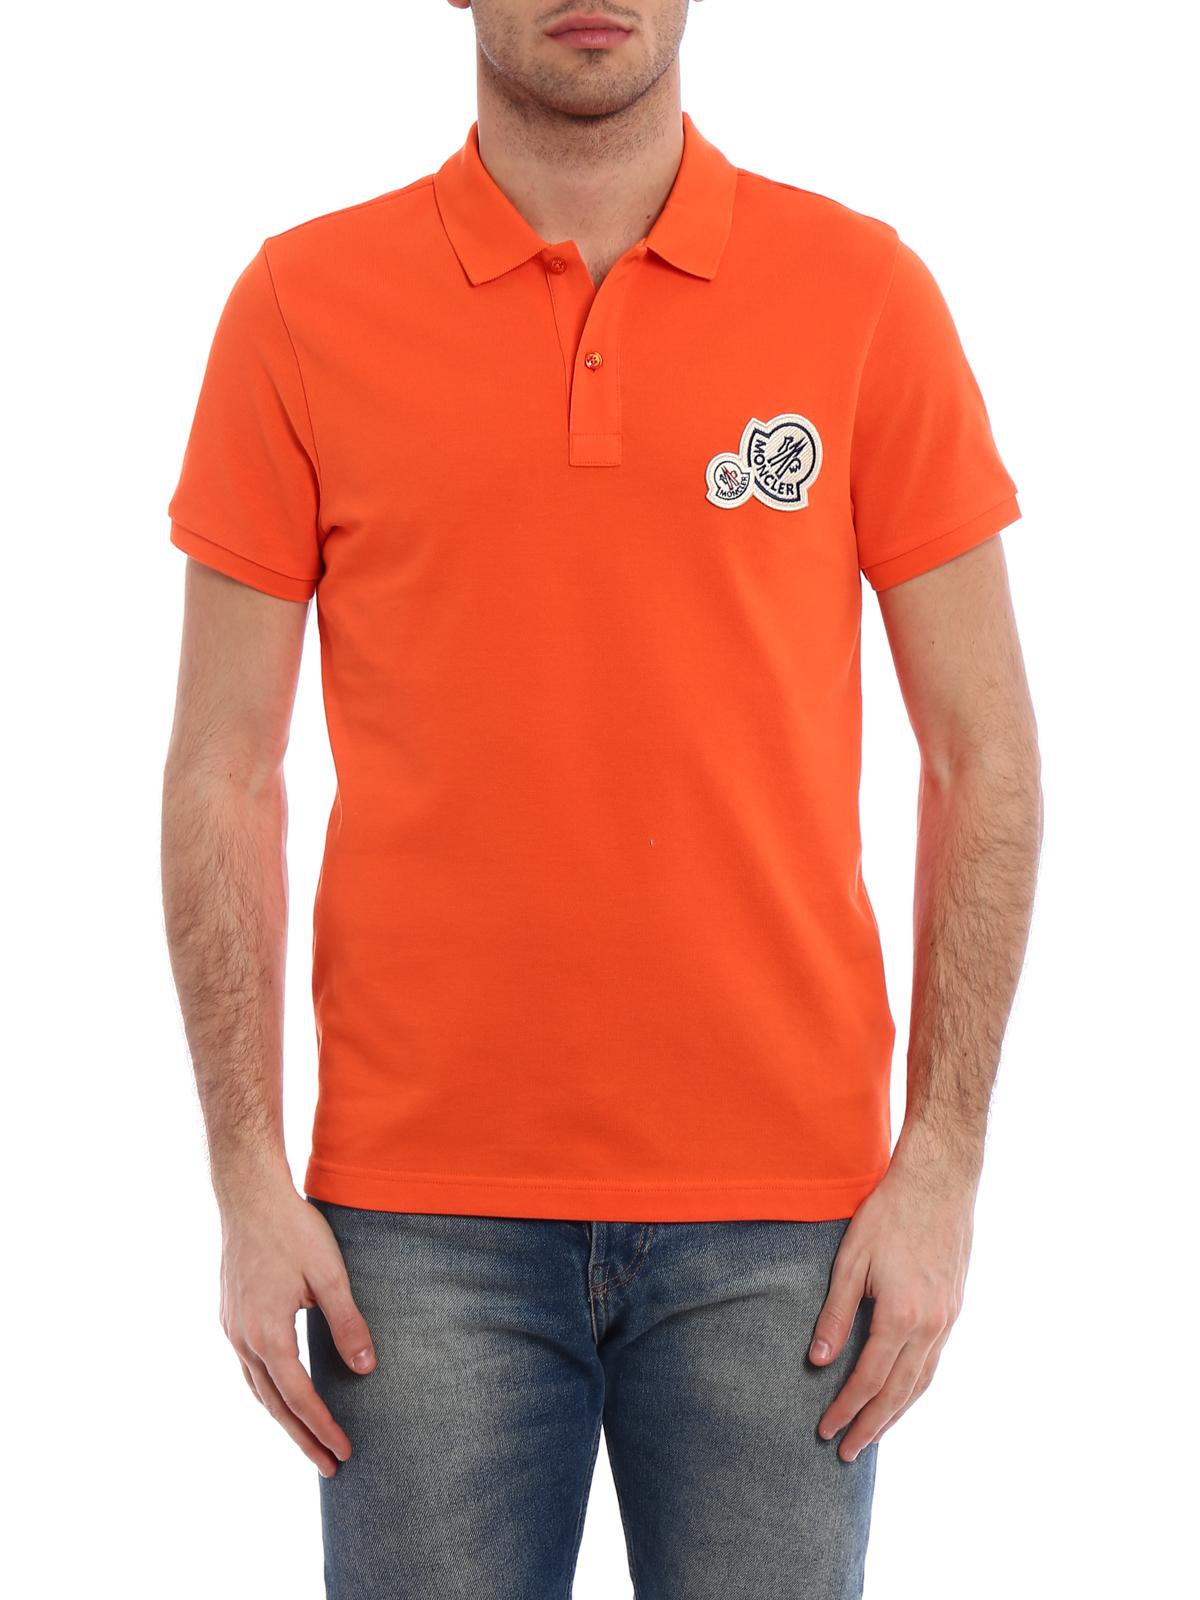 moncler orange polo